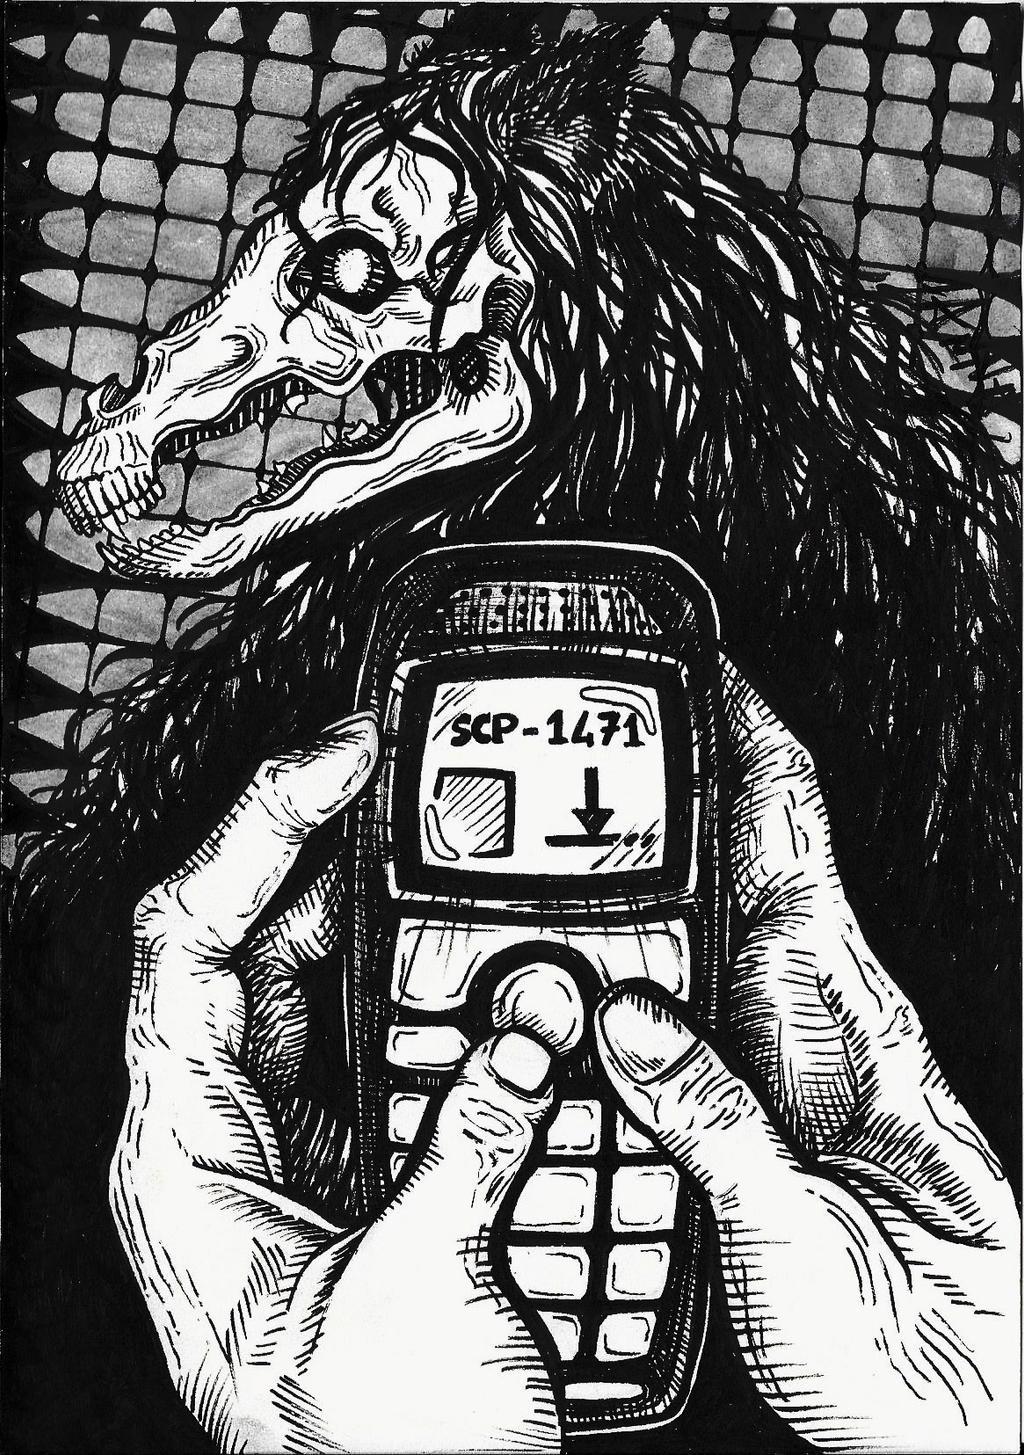 Creepypasta SCP 1471 I.01 by ZannaCreepy01P on DeviantArt